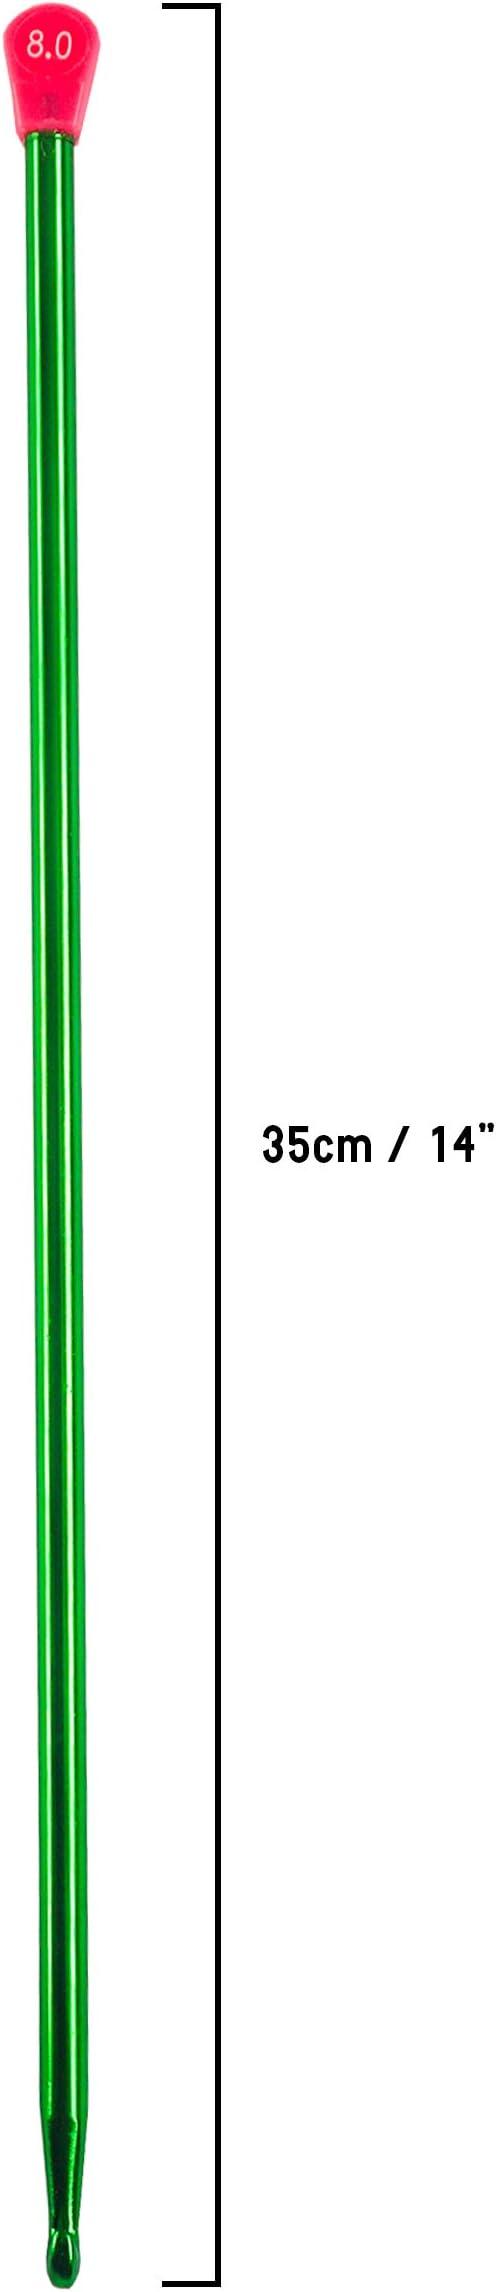 Aluminio Ganchillo Gancho Set (10 piezas) - 35cm (14 inches) 10 Multicolor Tamaños Diferentes Gancho Ideal para Ganchillo Proyectos, Set para Principiantes y Profesionales: Amazon.es: Hogar